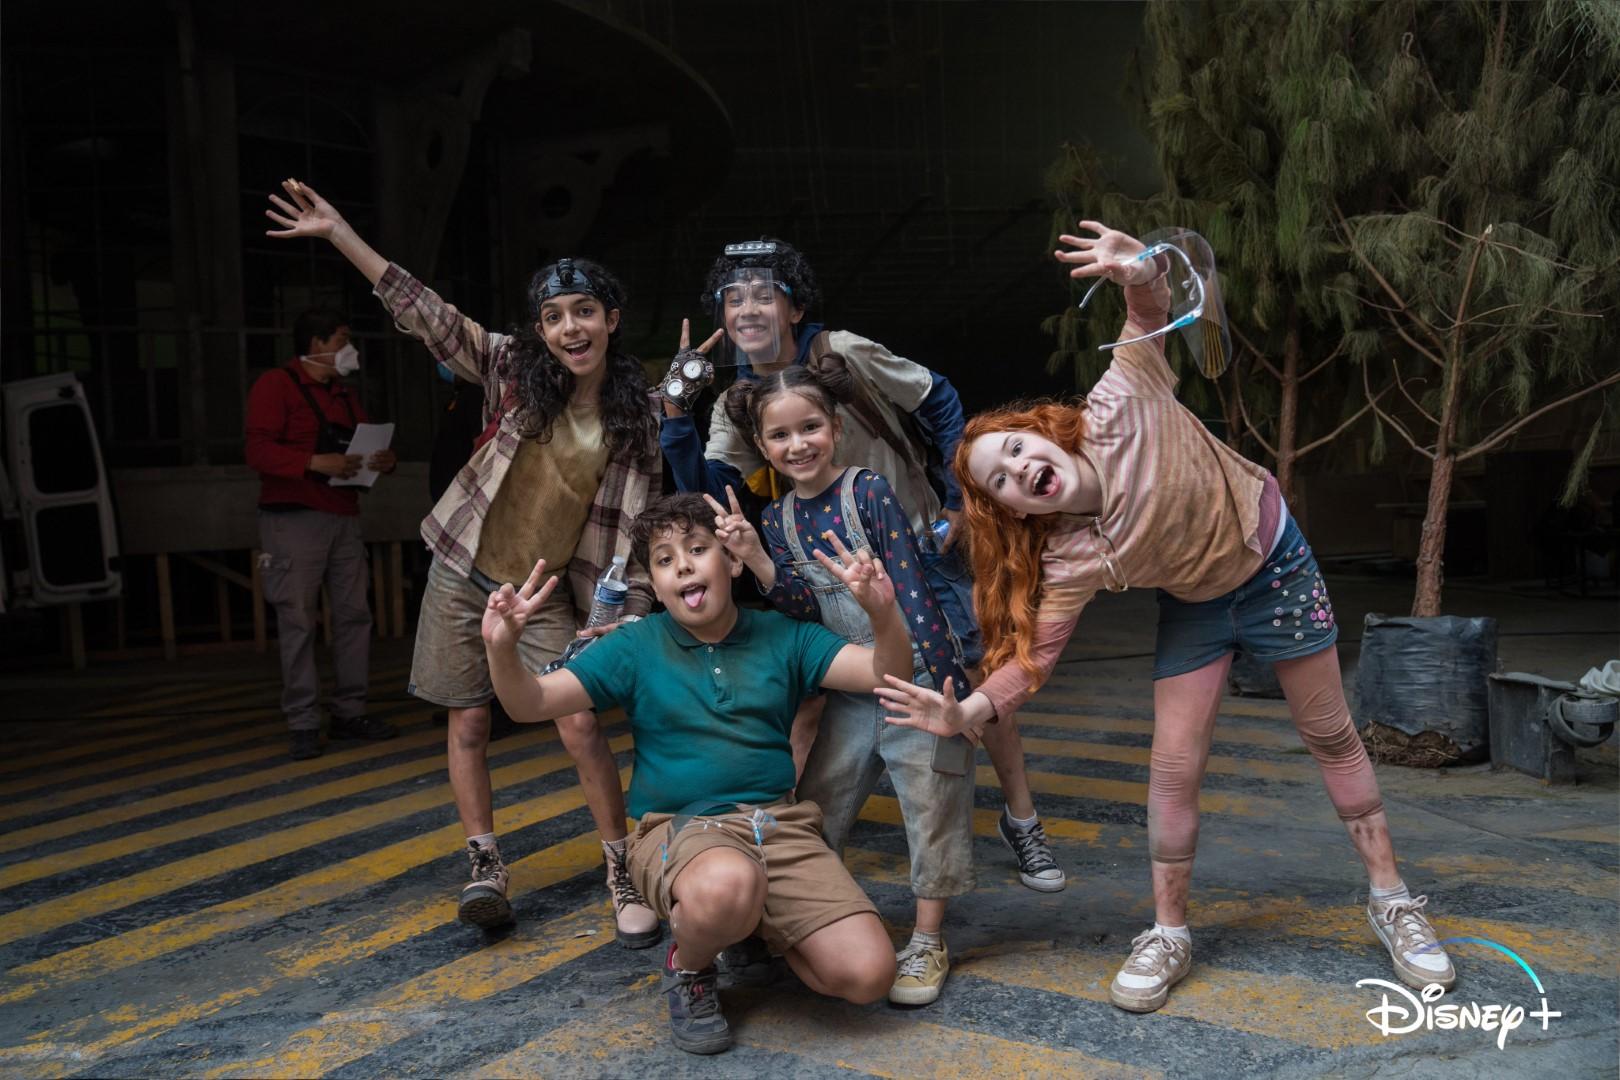 Viagem-ao-Centro-da-Terra-Disney-Plus-3 Viagem ao Centro da Terra: Nova Série Latino-Americana em Breve no Disney+